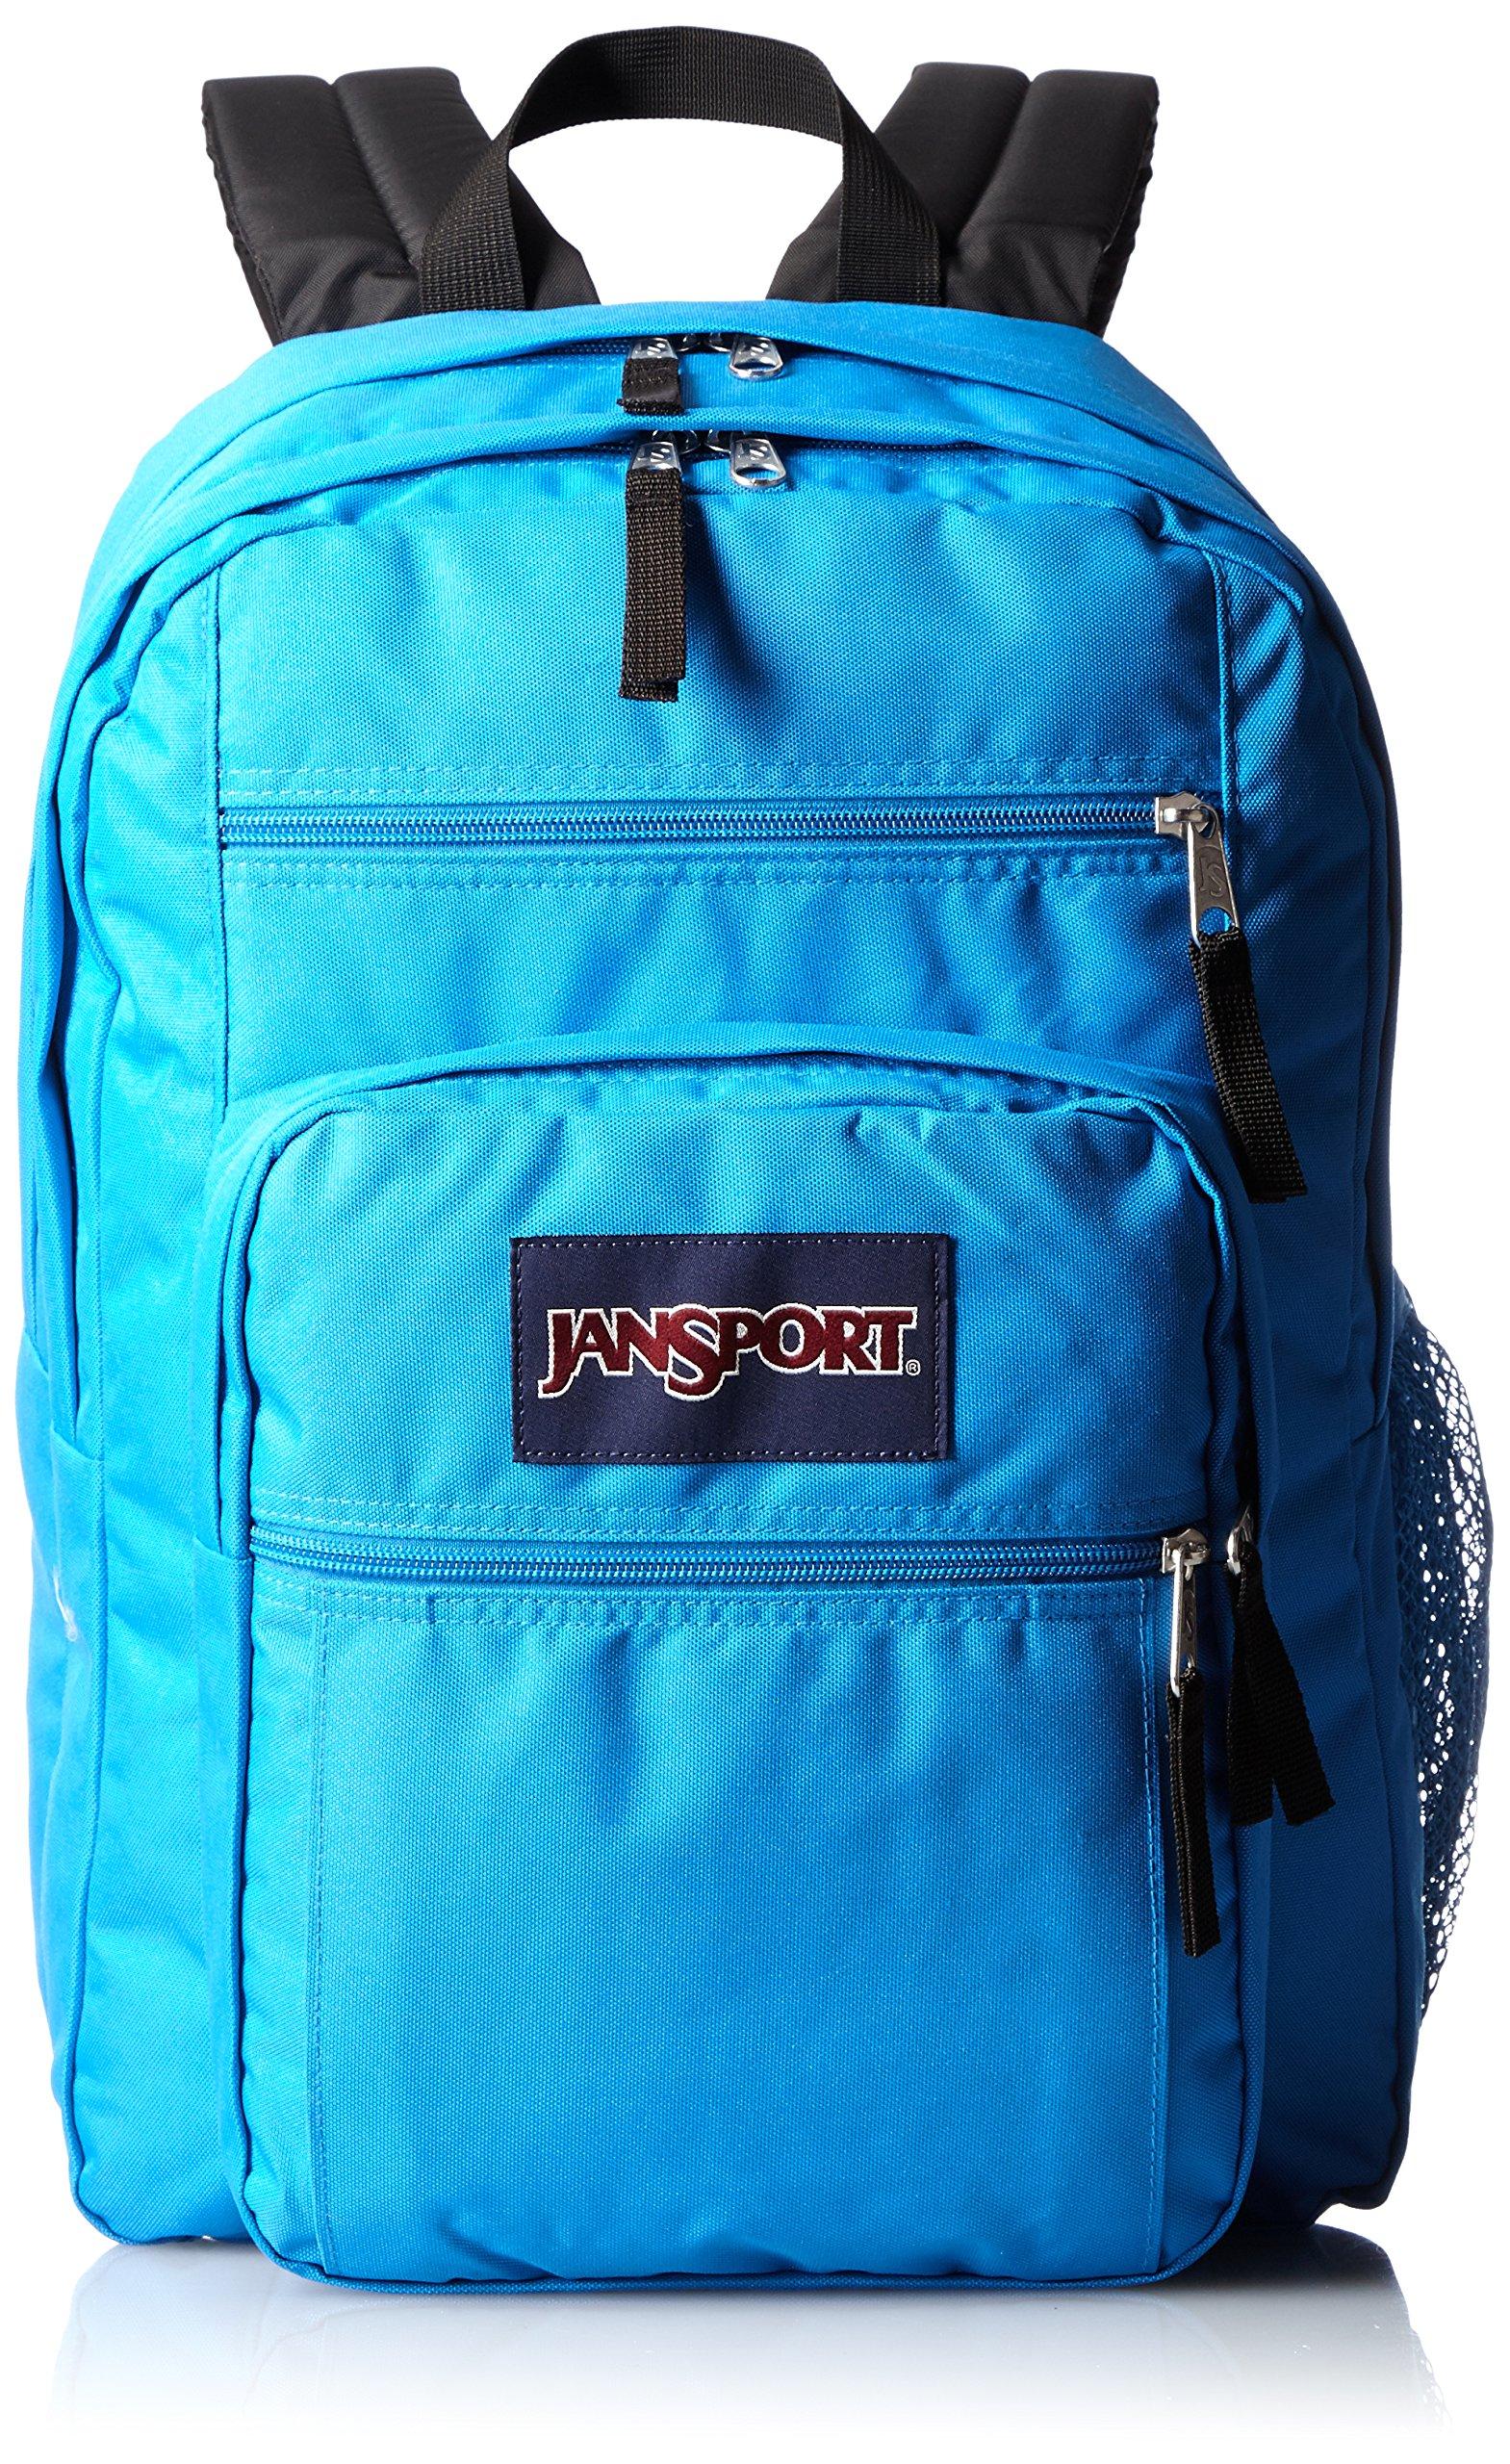 JanSport Big Student Backpack- Sale Colors (Blue Crest)